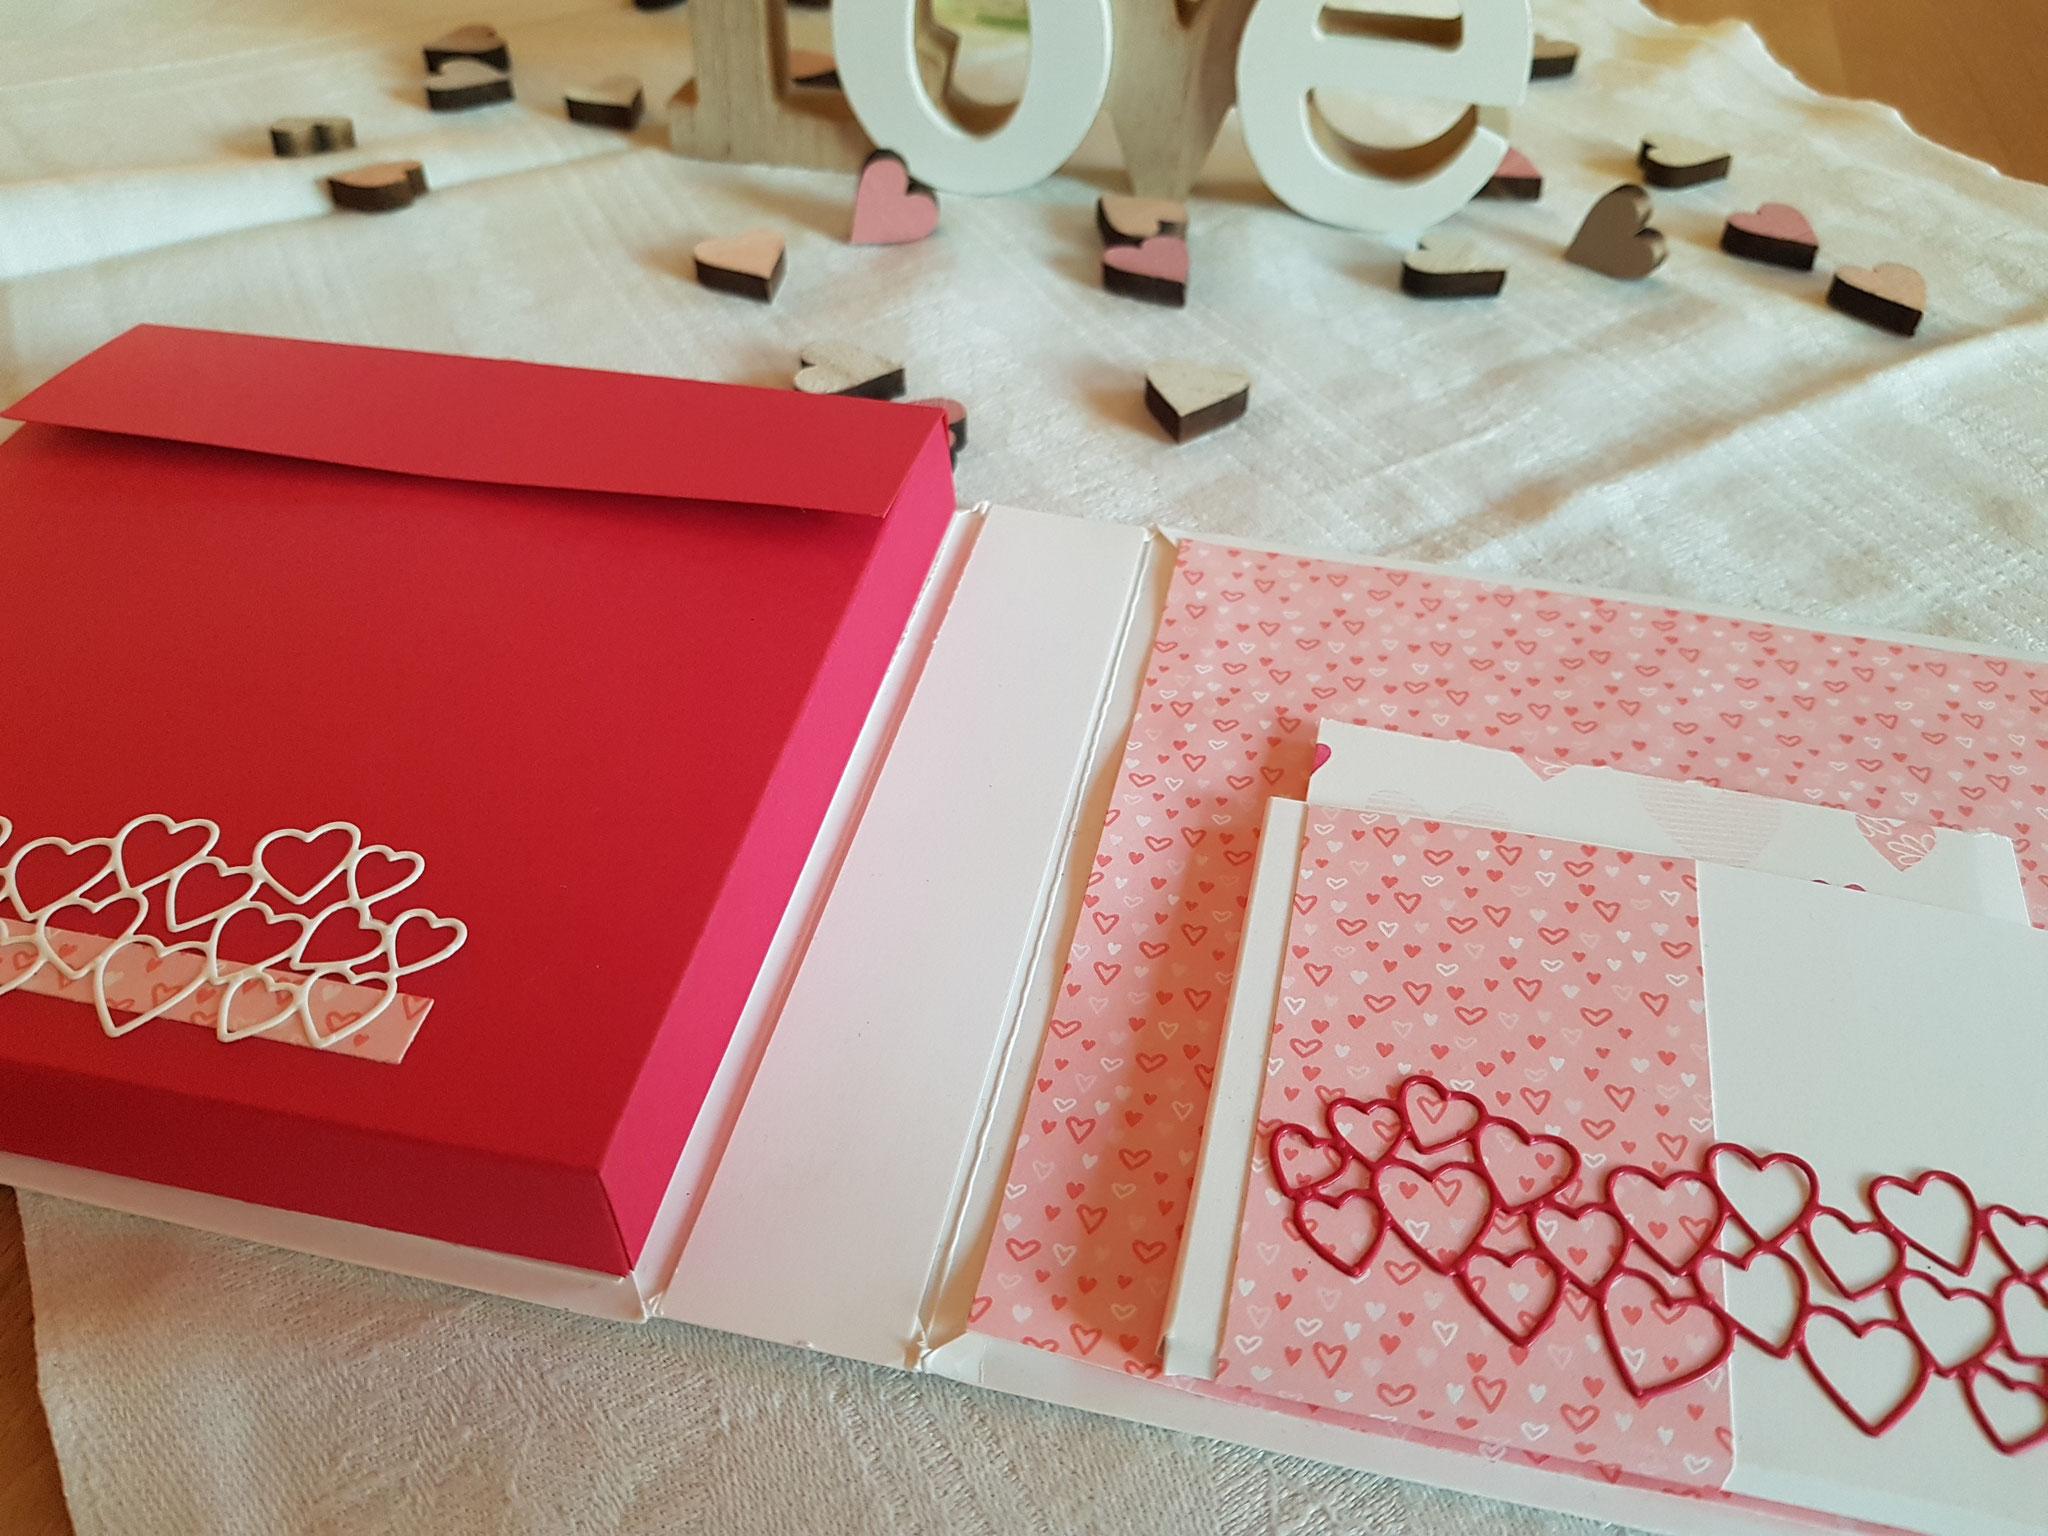 In der linken kussroten Tasche verbirgt sich eine leckere Vollnussschoki - die Lieblingsschokolade meines Liebsten! In der rechten ein ganz analoger altmodischer Liebesbrief! ;-)